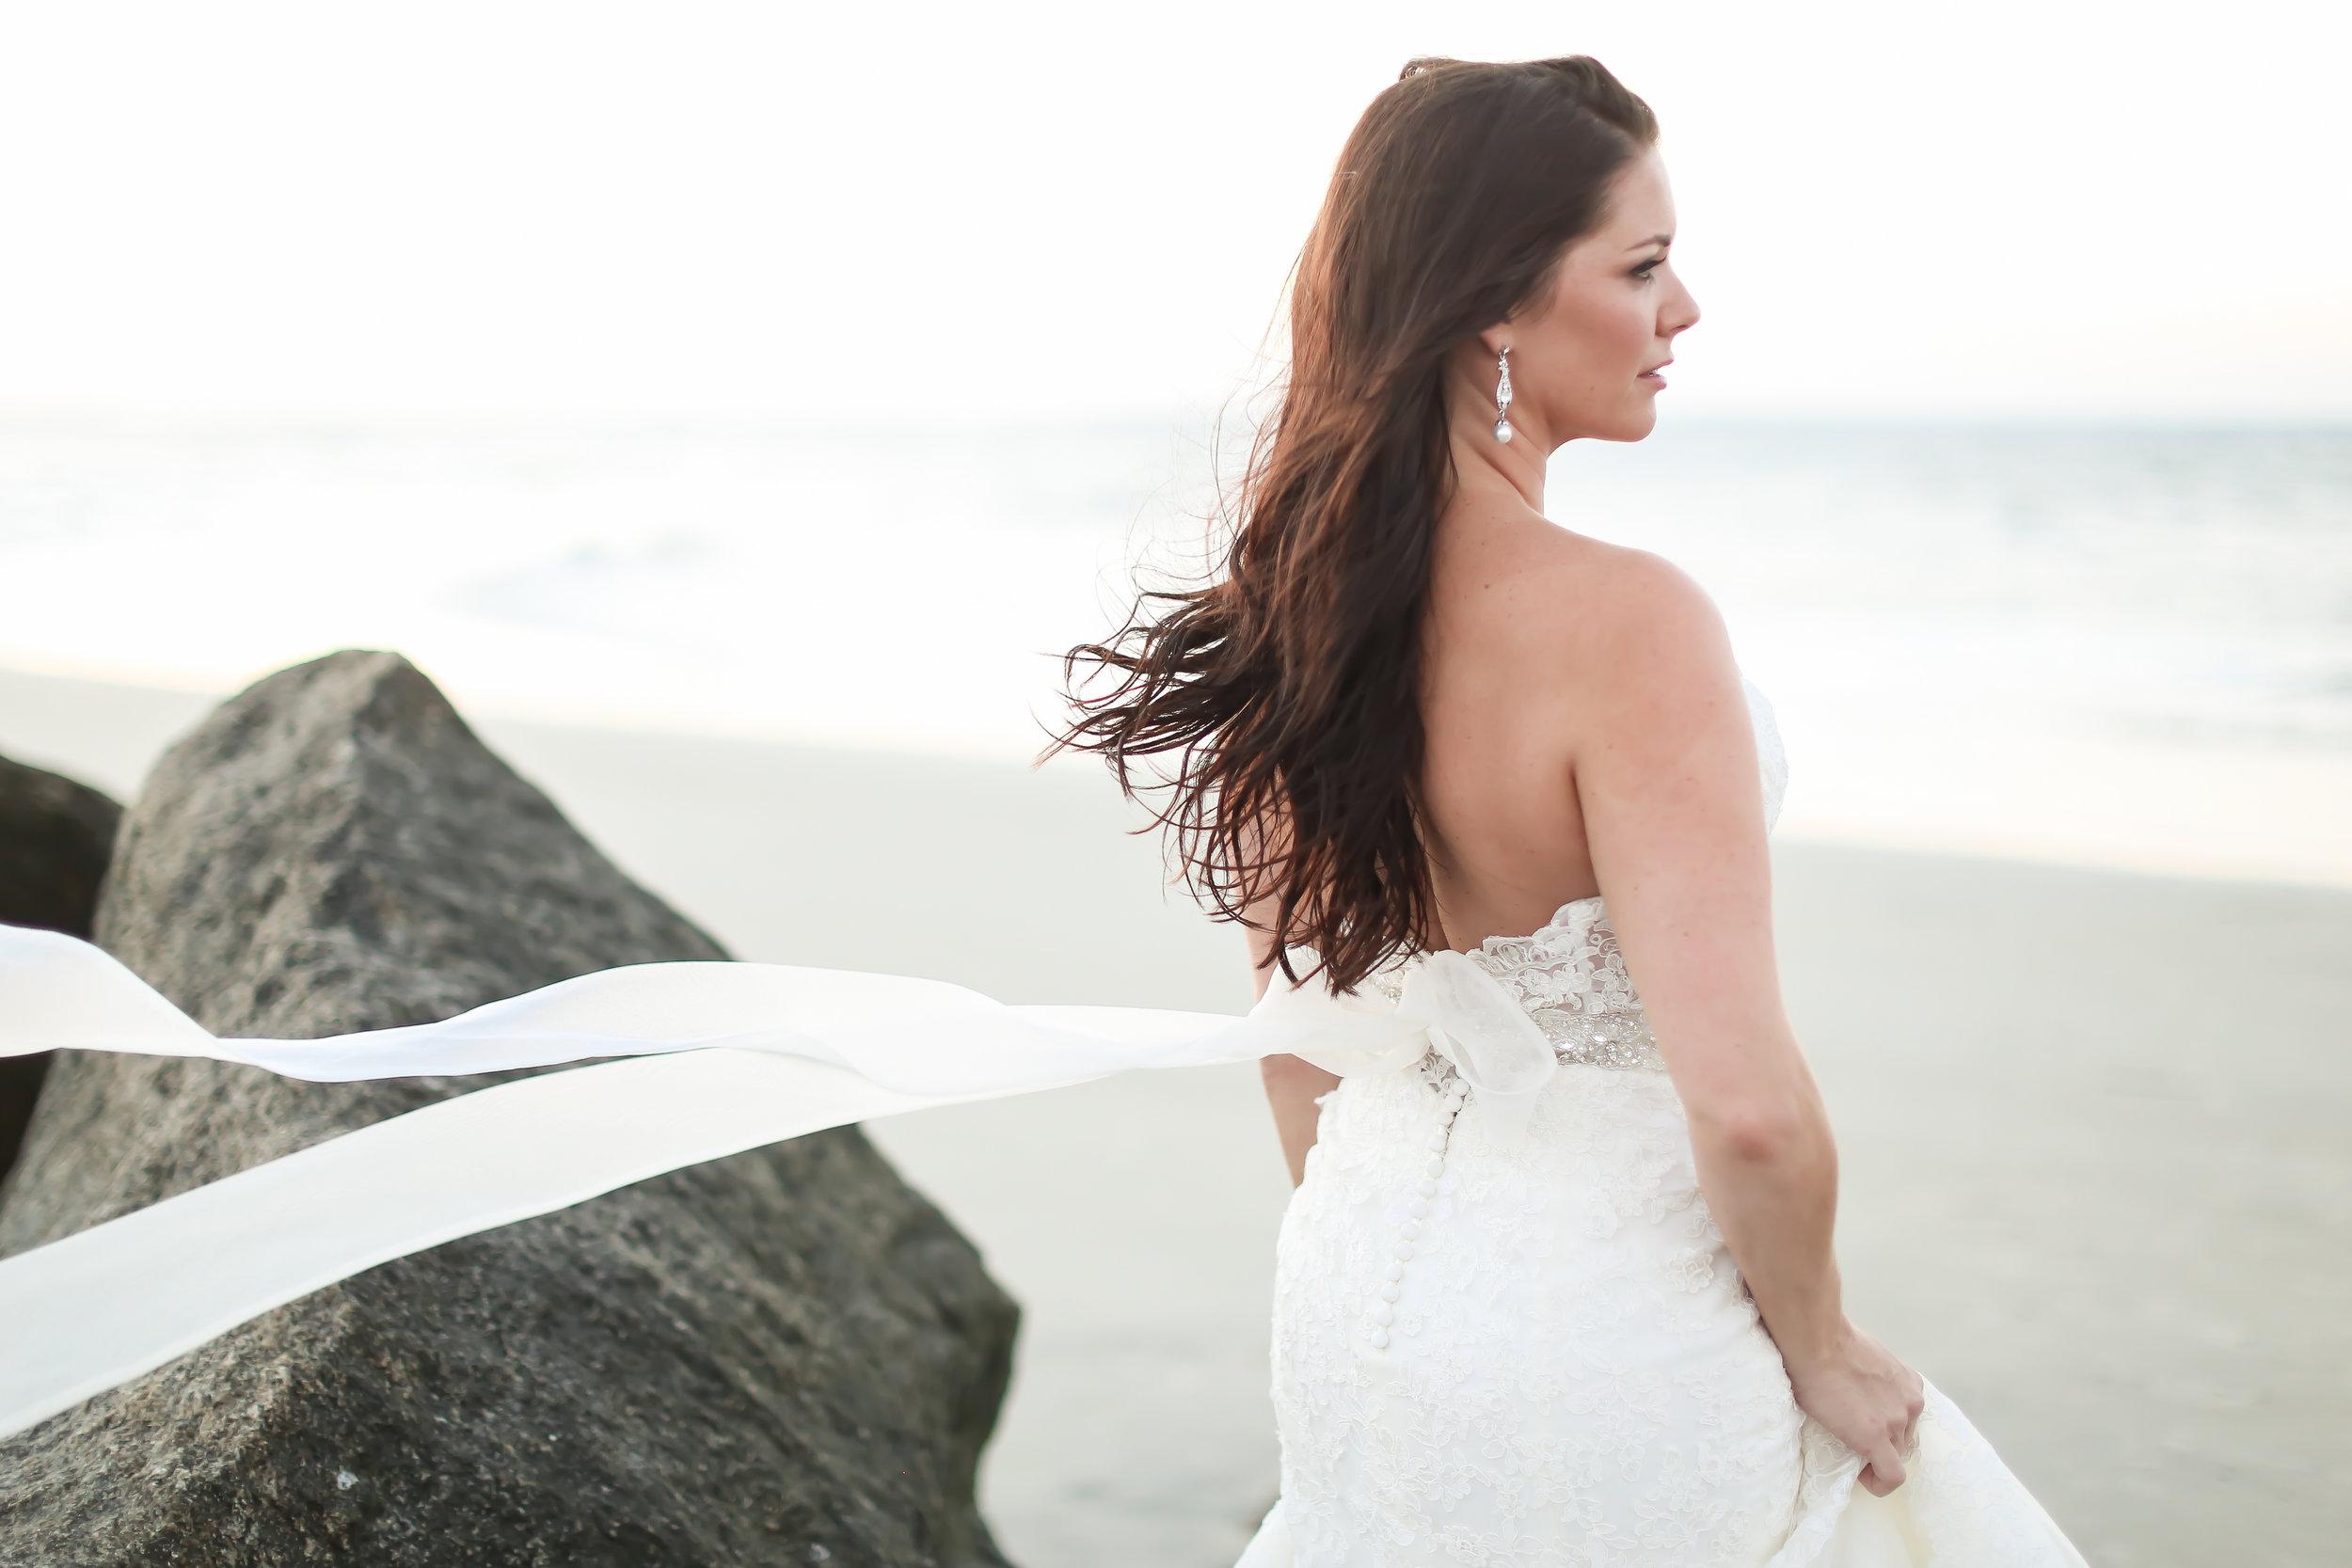 tybee-island-wedding-makeup-artist